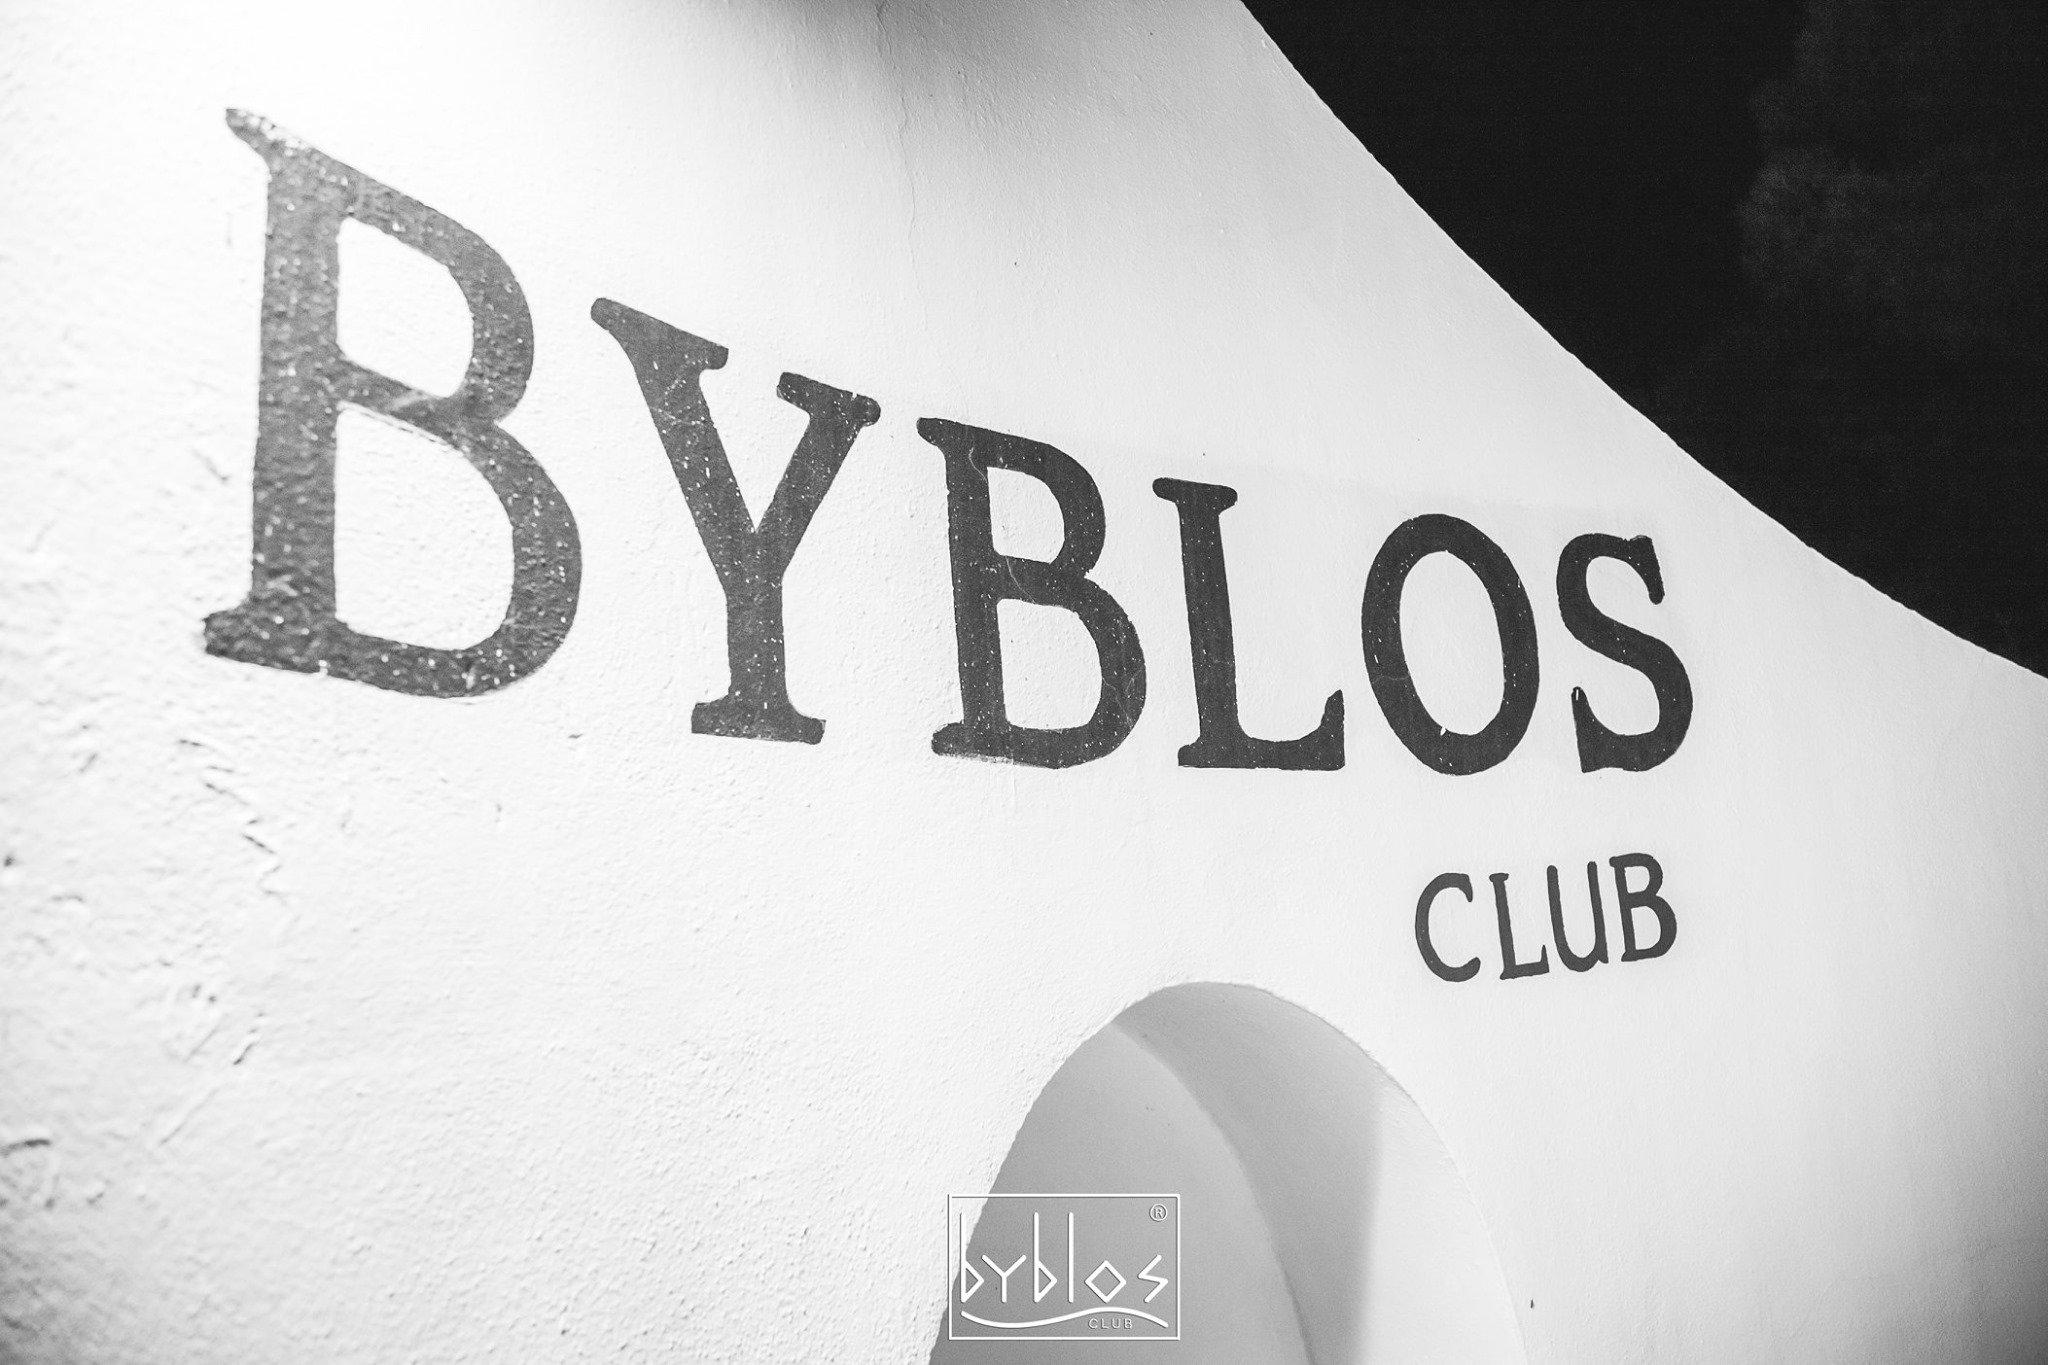 La notte dei turisti alla discoteca Byblos di Riccione